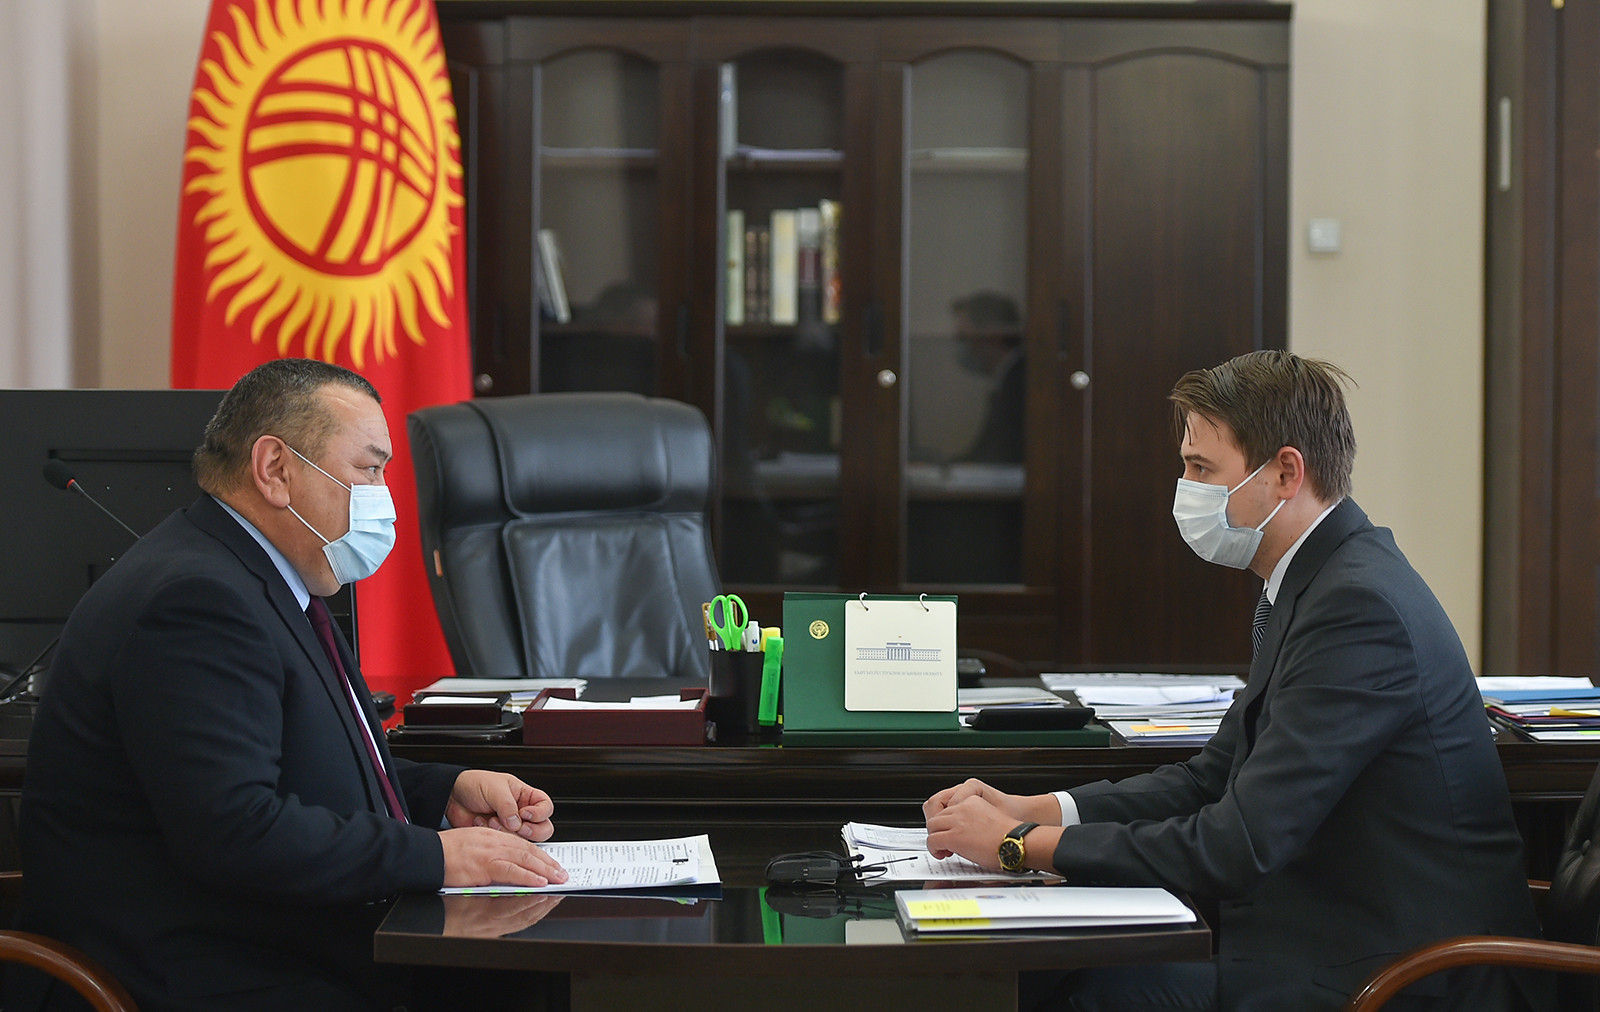 И.о. премьер-министра, первый вице-премьер-министр КР Артем Новиков во время встречи с и.о. мэра города Бишкек Балбаком Тулобаевым. 01 декабря 2020 года